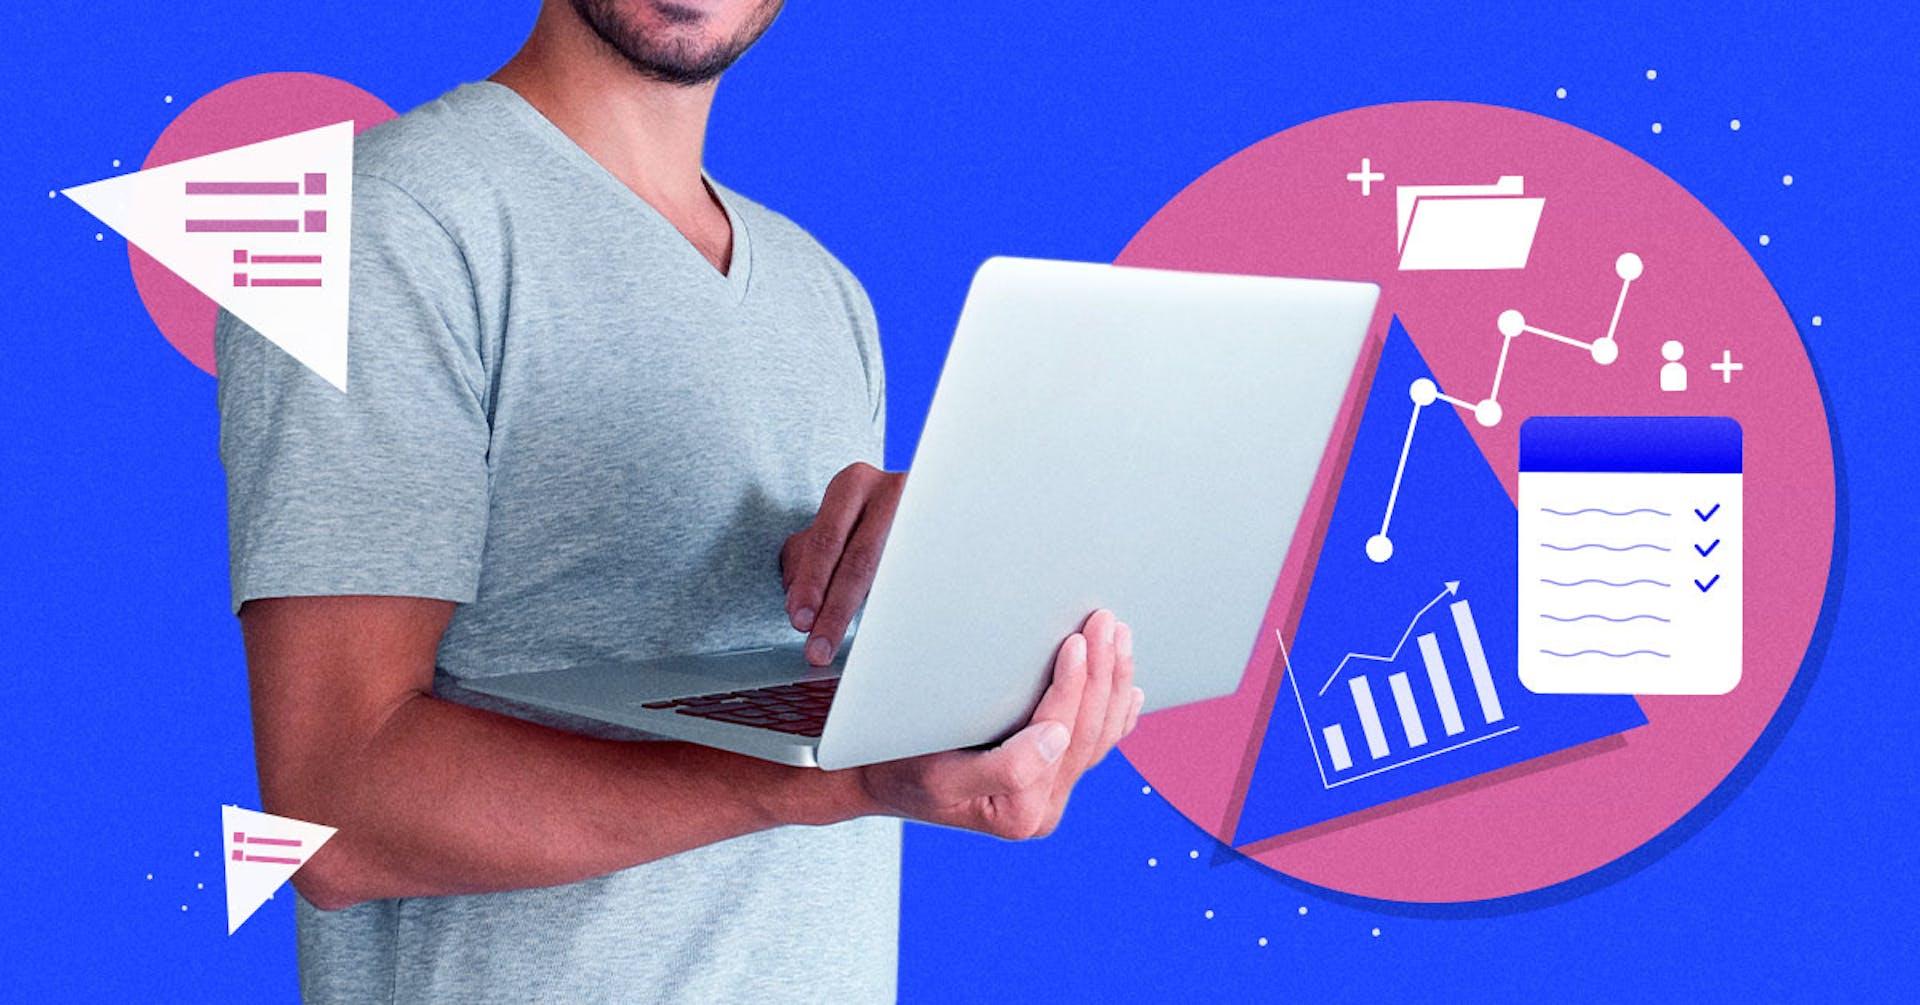 Descarga recursos gratis para tu estrategia de Marketing